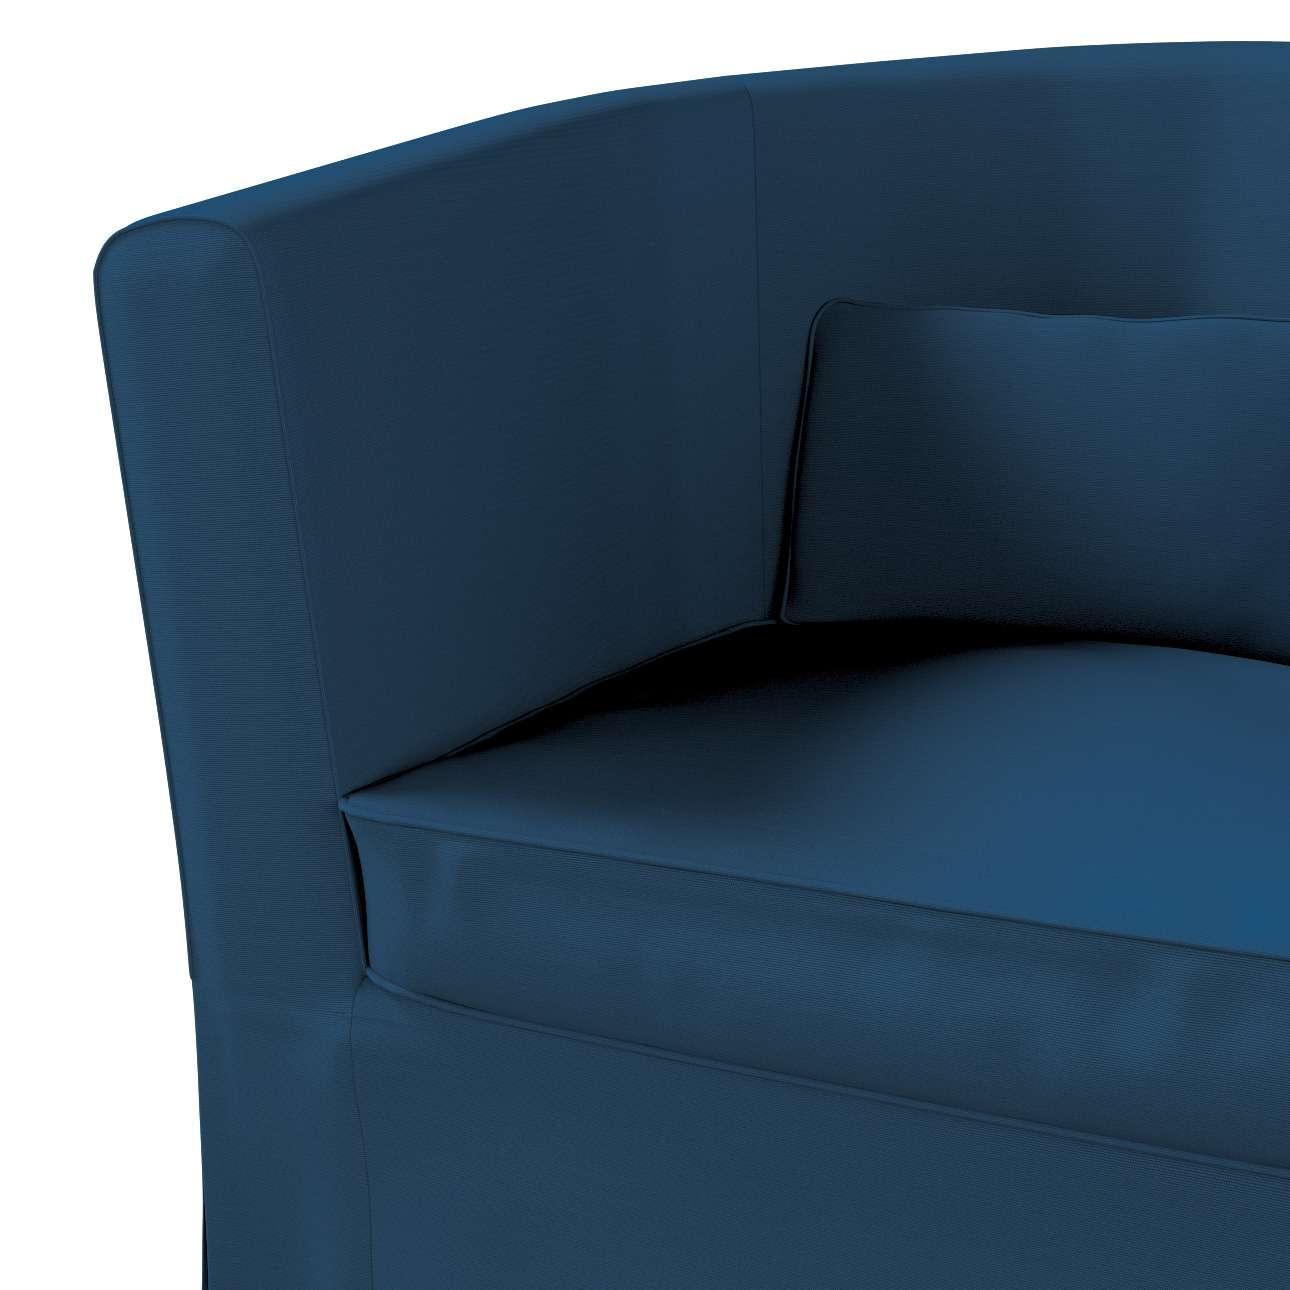 Pokrowiec na fotel Ektorp Tullsta w kolekcji Cotton Panama, tkanina: 702-30